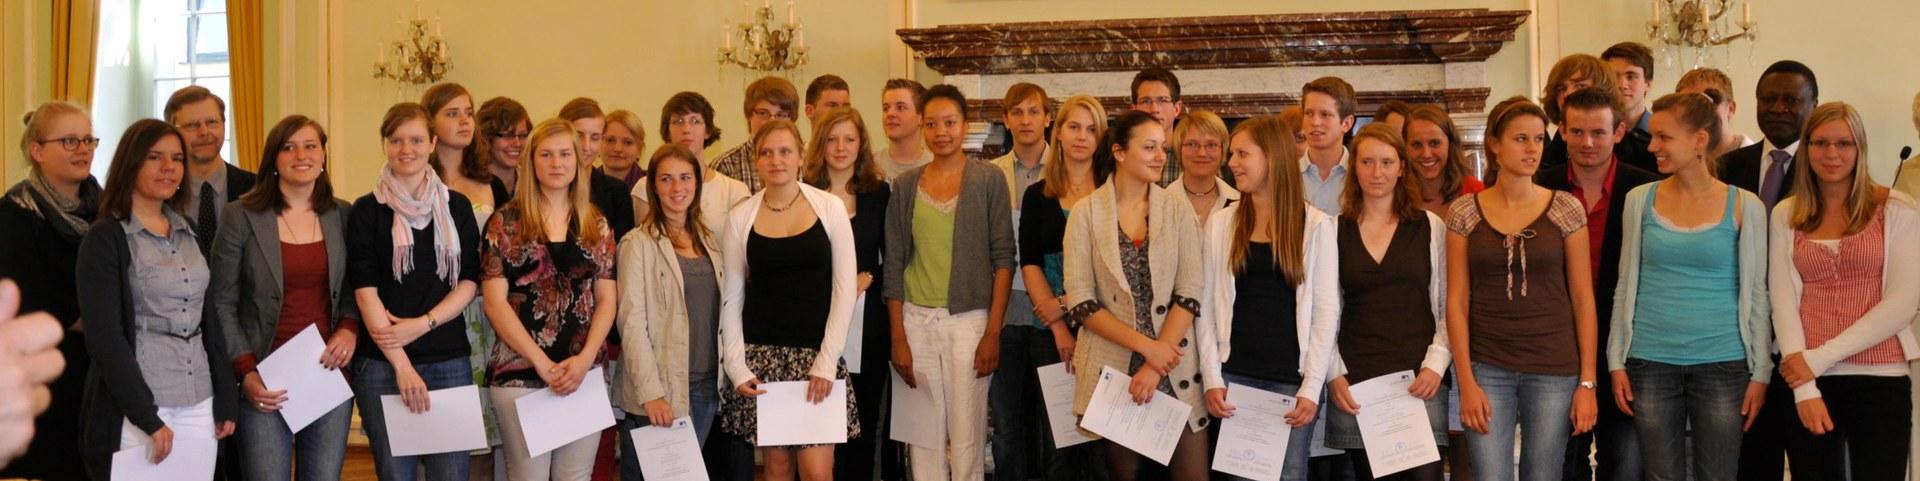 Gruppenfoto Fachpreis.jpg